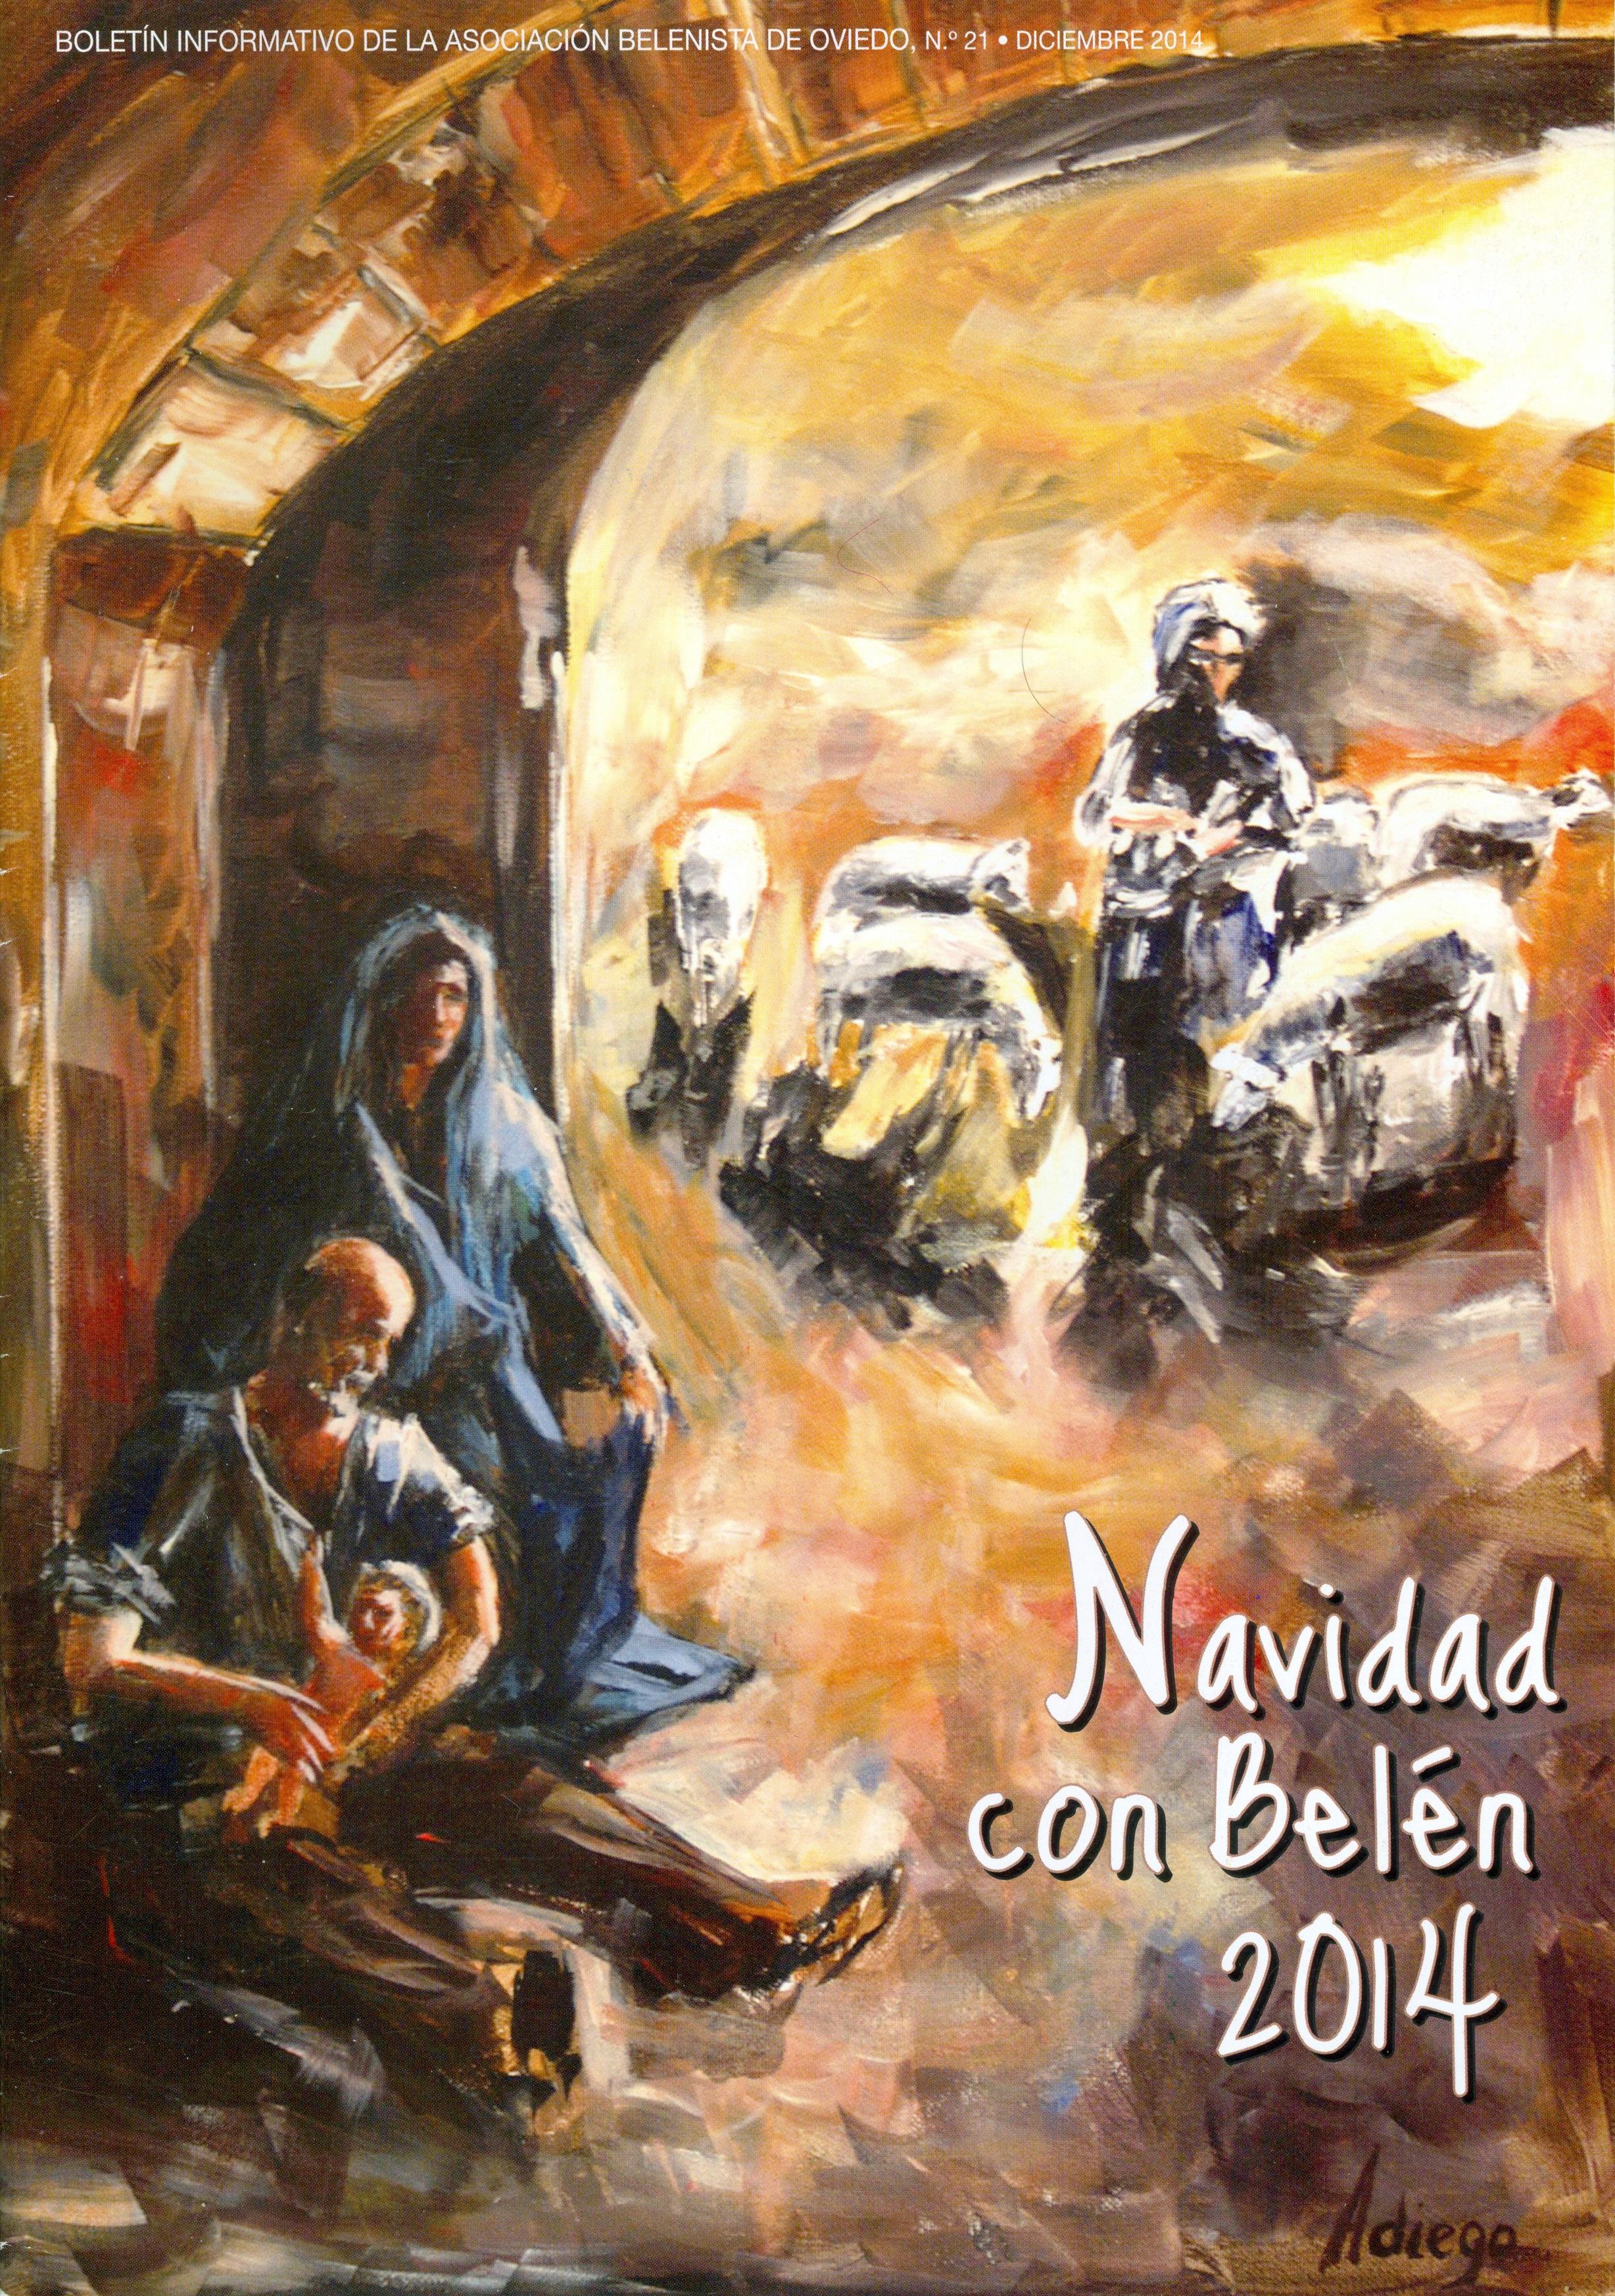 Portada de la revista Navidad con Belén Nº 21 - 2014, de la Asociación Belenista de Oviedo